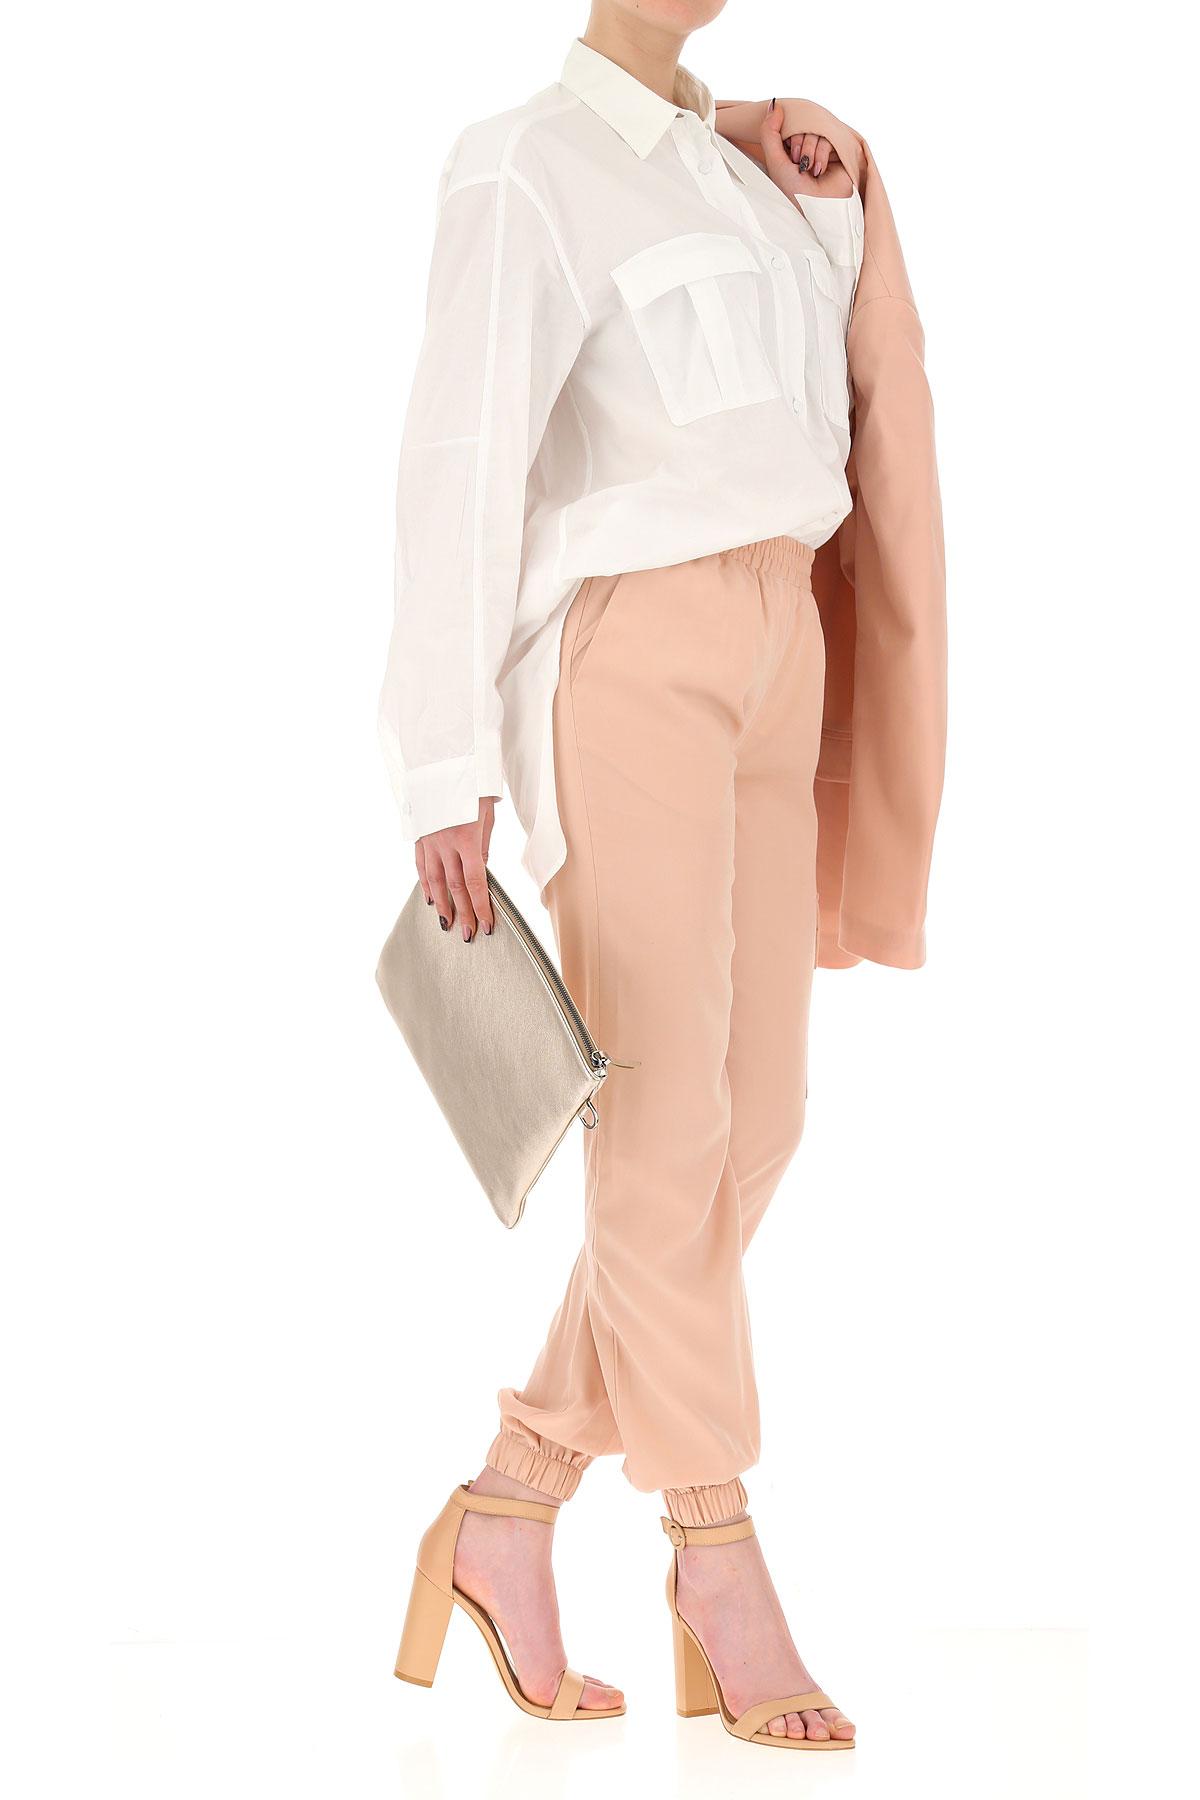 Maison Primavera Flaneur nbsp; 2019 Mujer Ropa Para verano Blanco qw4qFU1